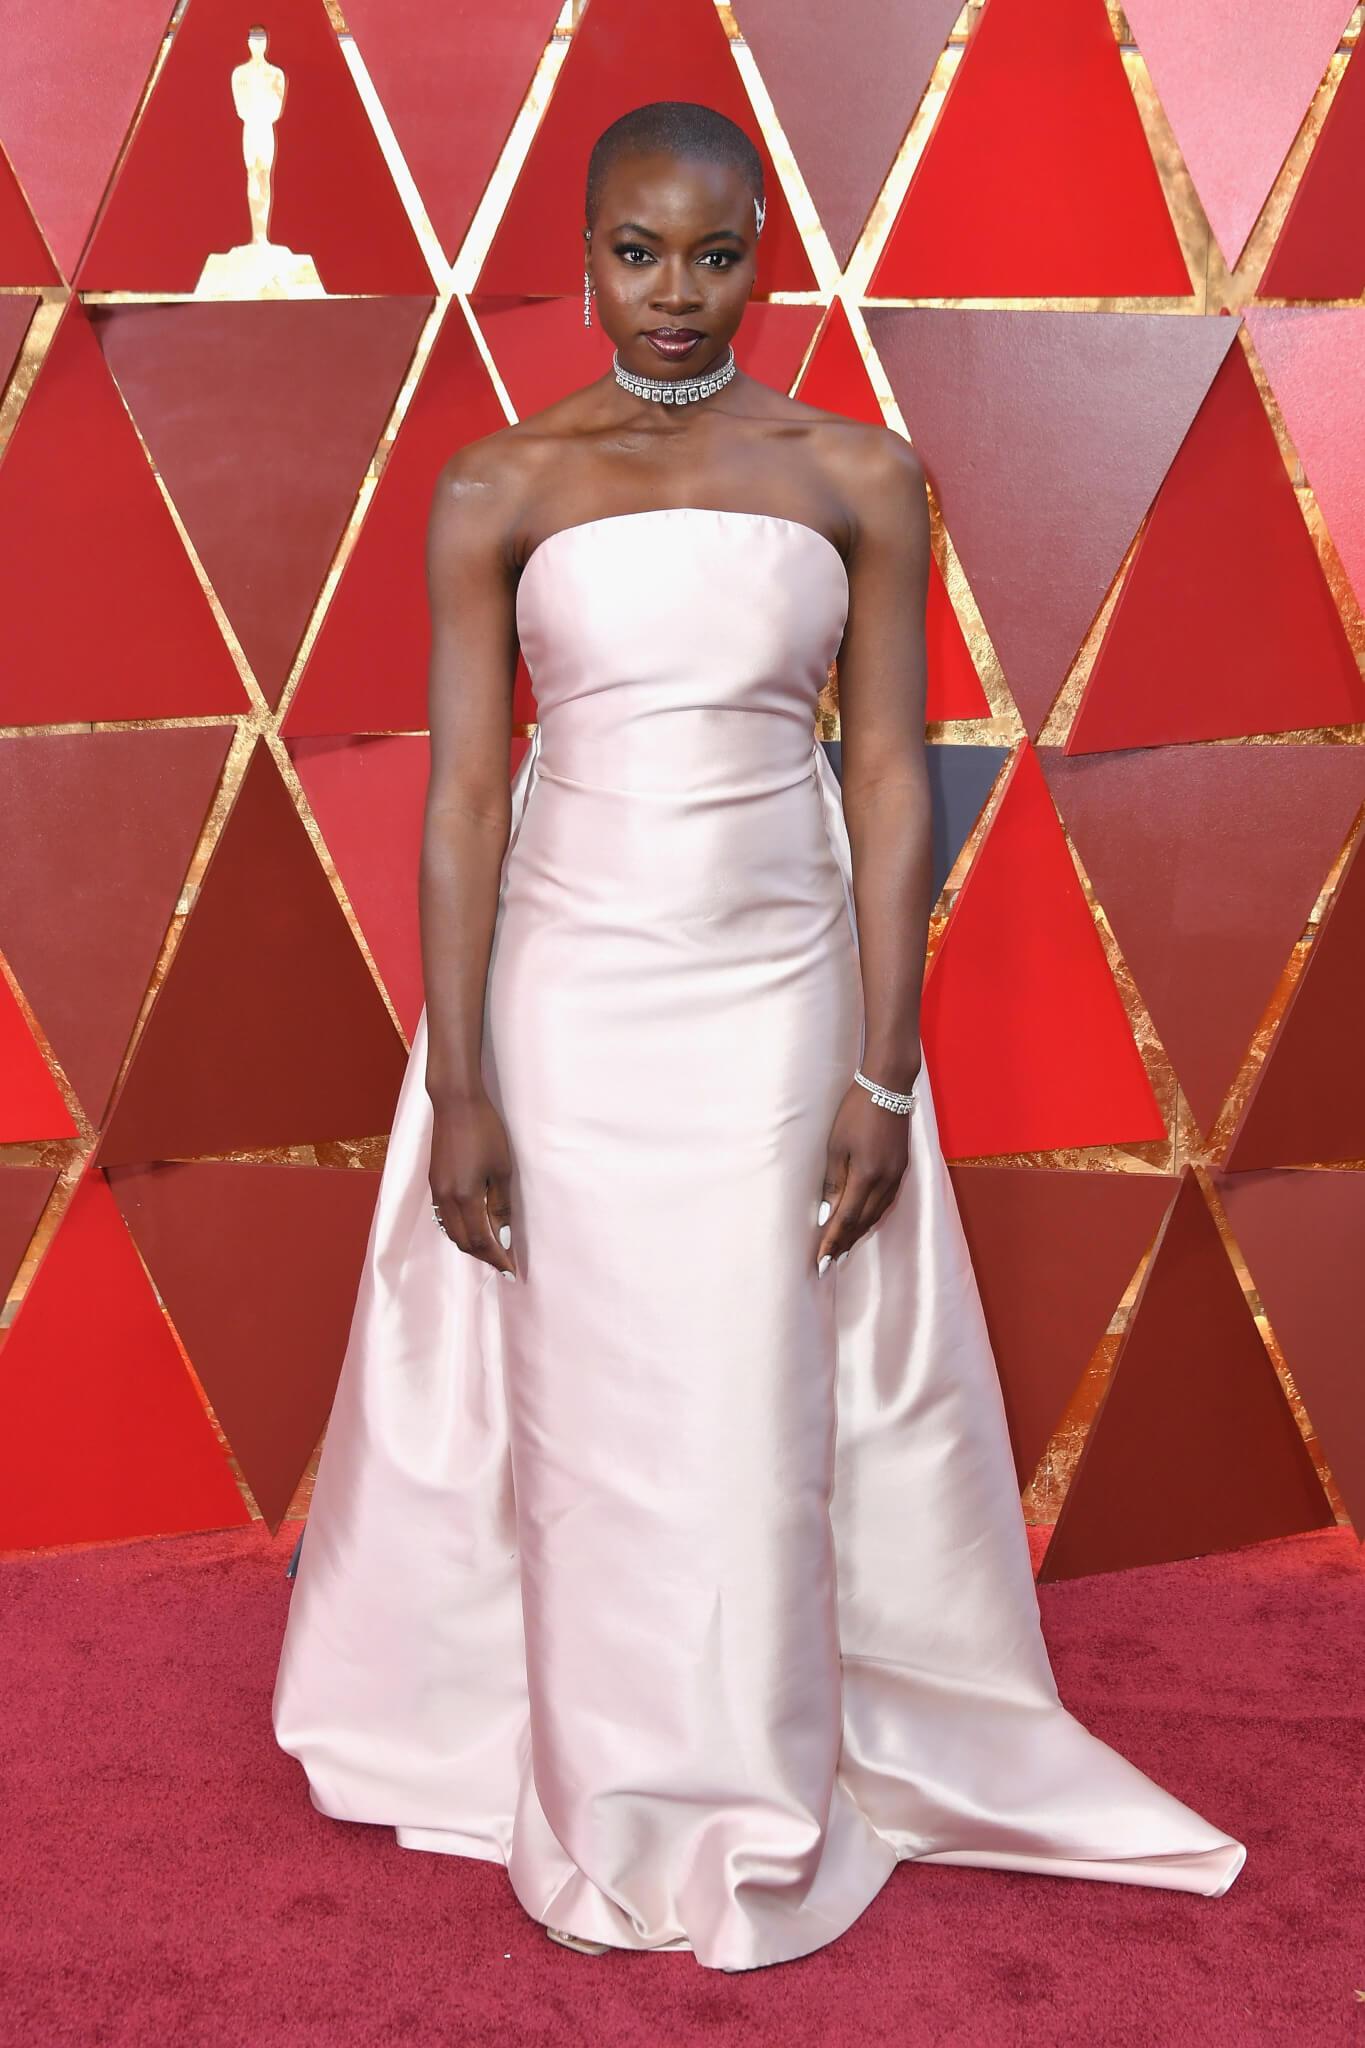 Oscars 2018 - Danai Gurira